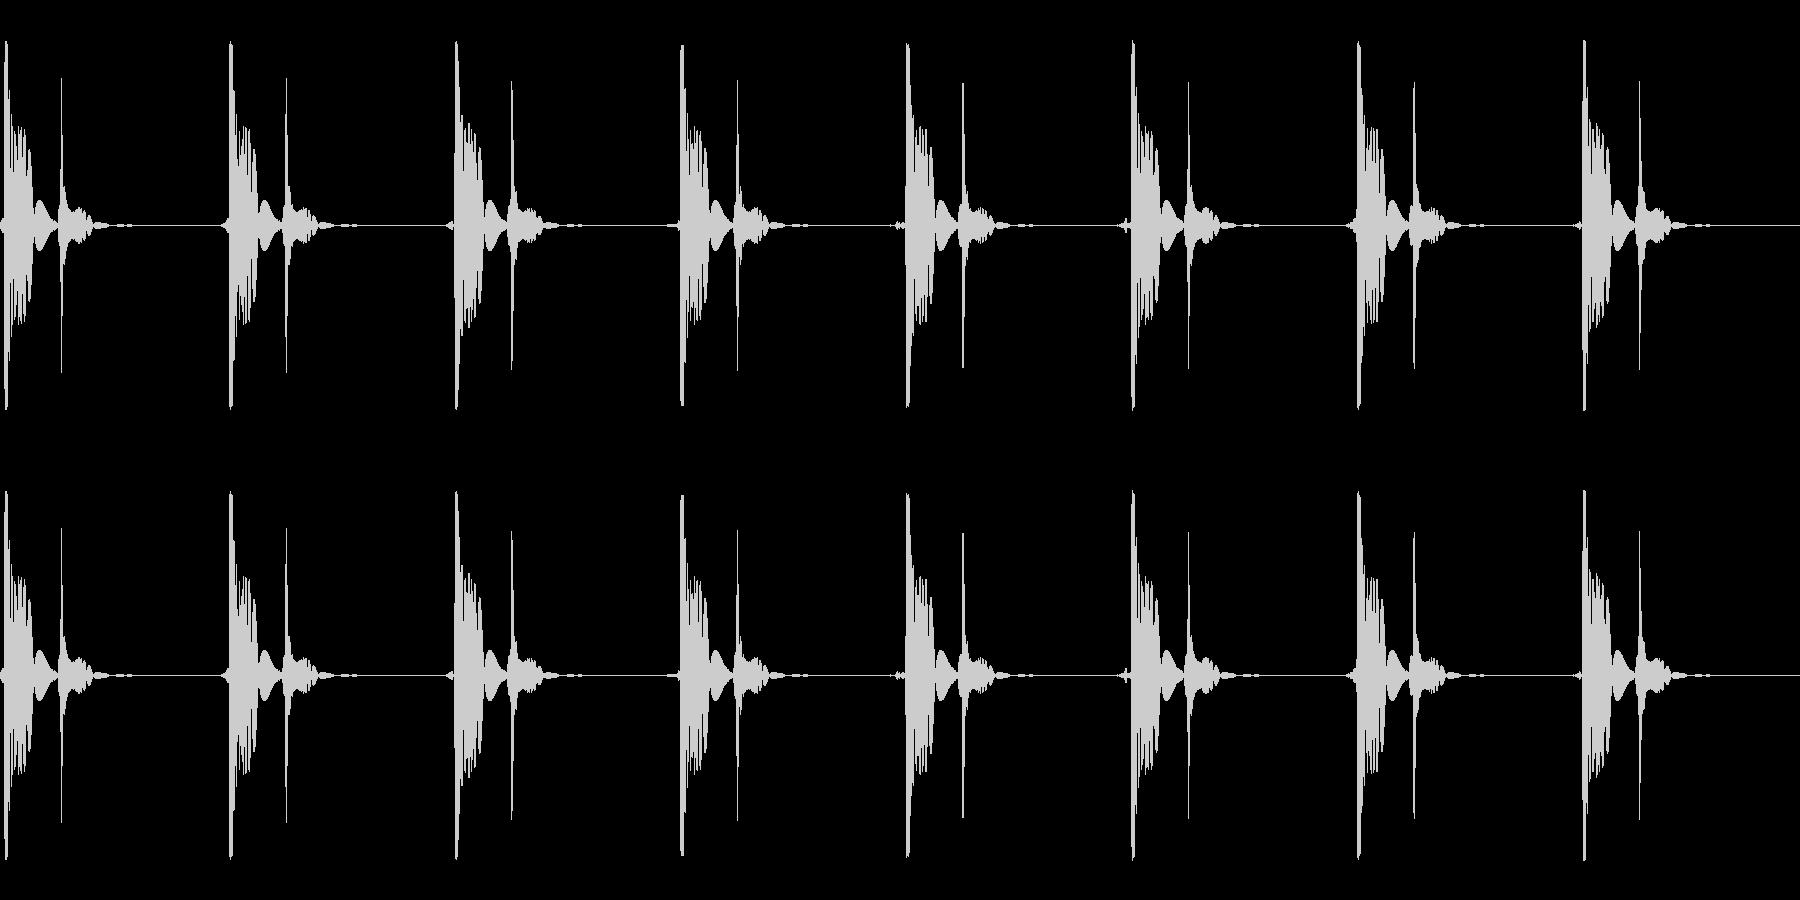 心臓の鼓動_上昇_心拍数86の未再生の波形